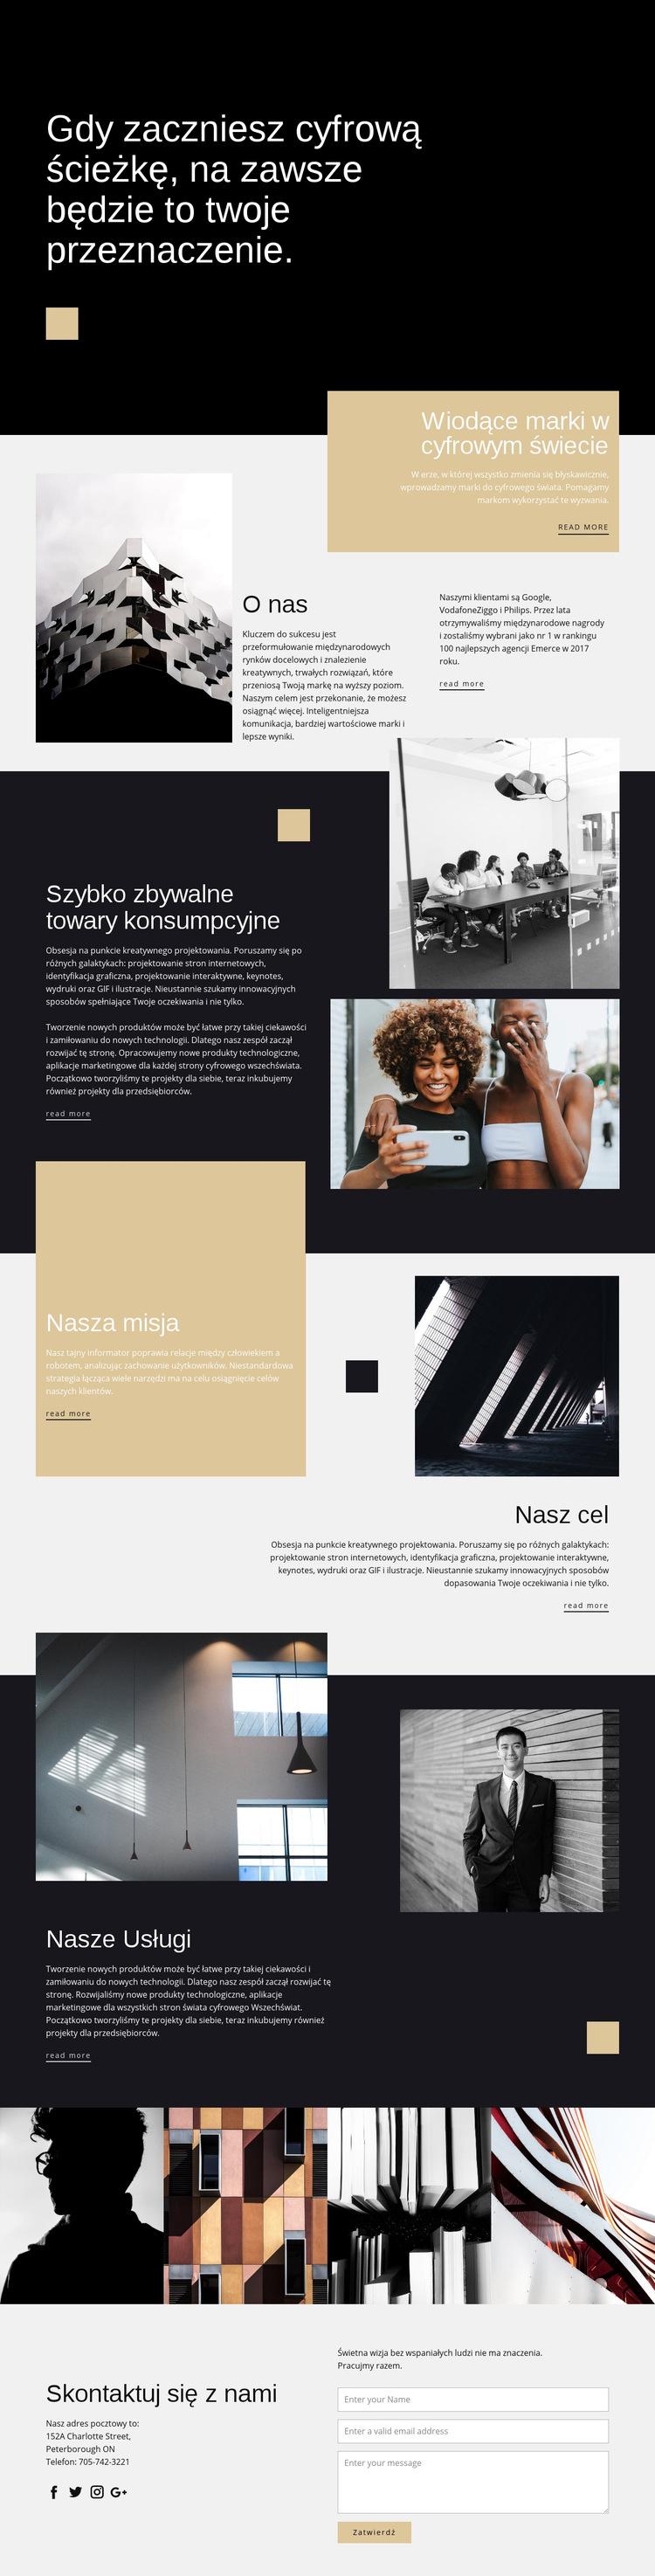 Studio fotograficzne Destiny Szablon witryny sieci Web